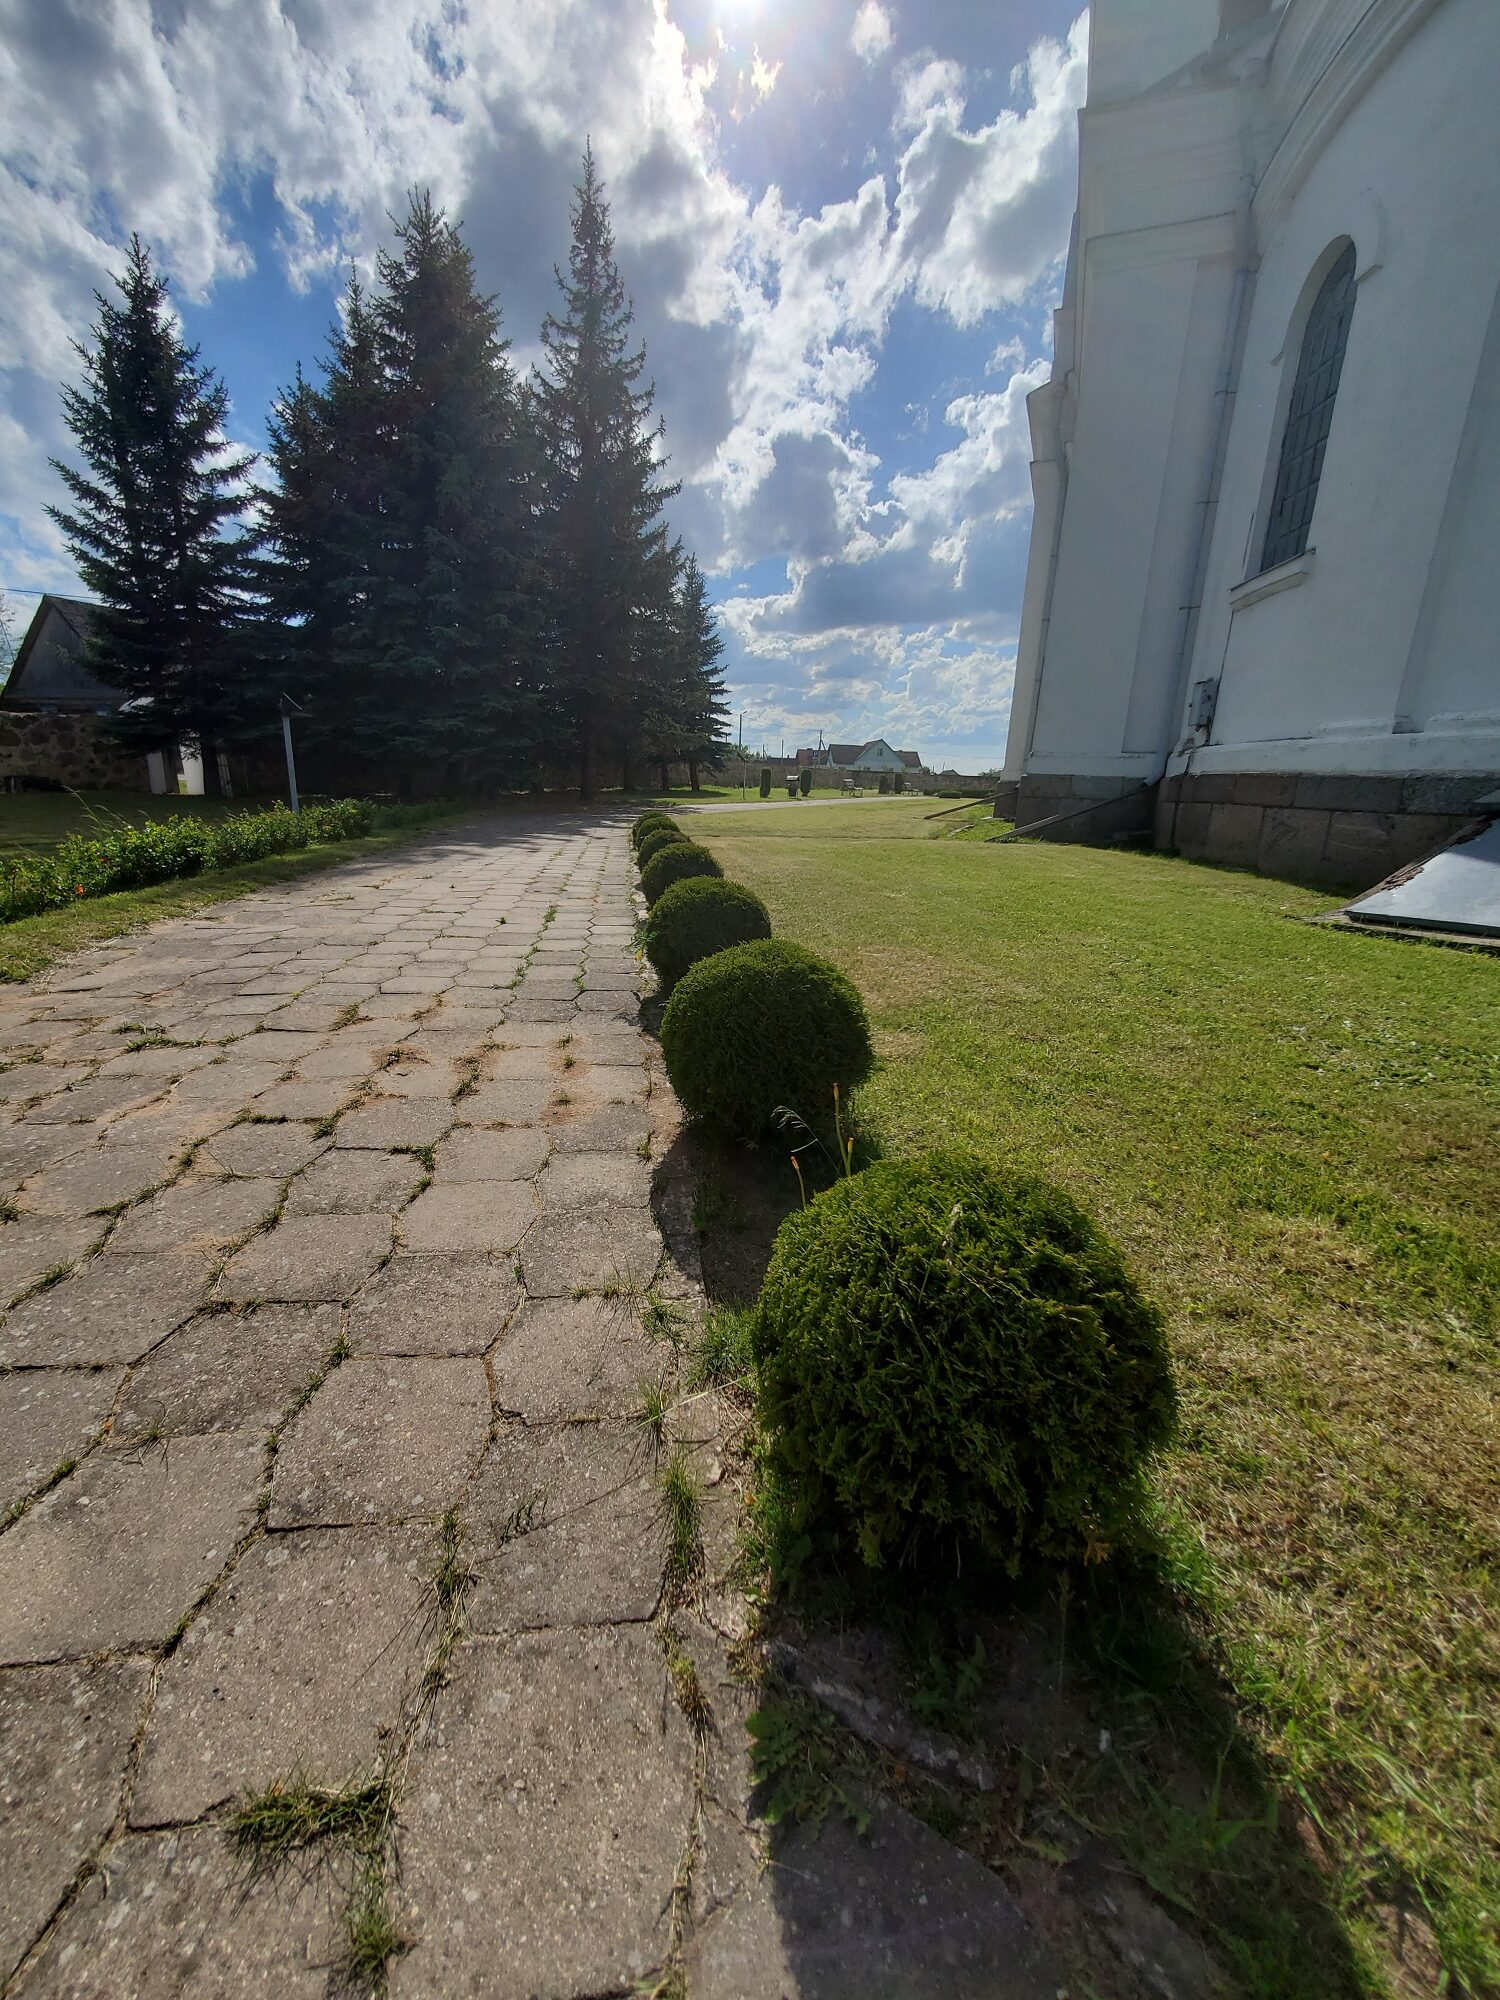 20200606 165059 rotated - Костел Пресвятой Девы Марии в деревне Парафьяново